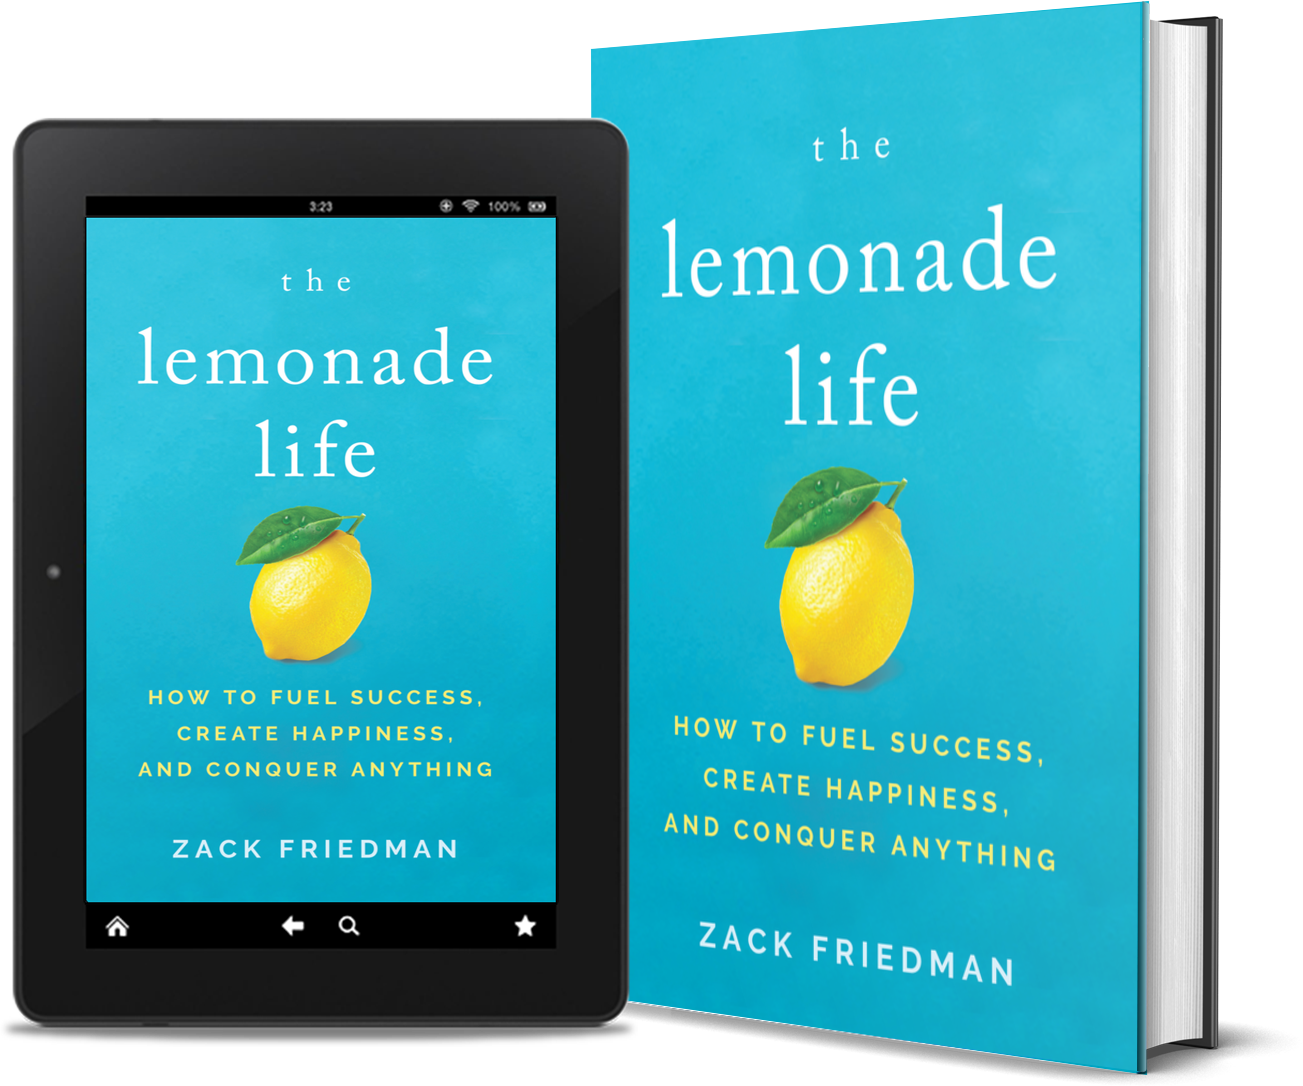 lemonade-life-book